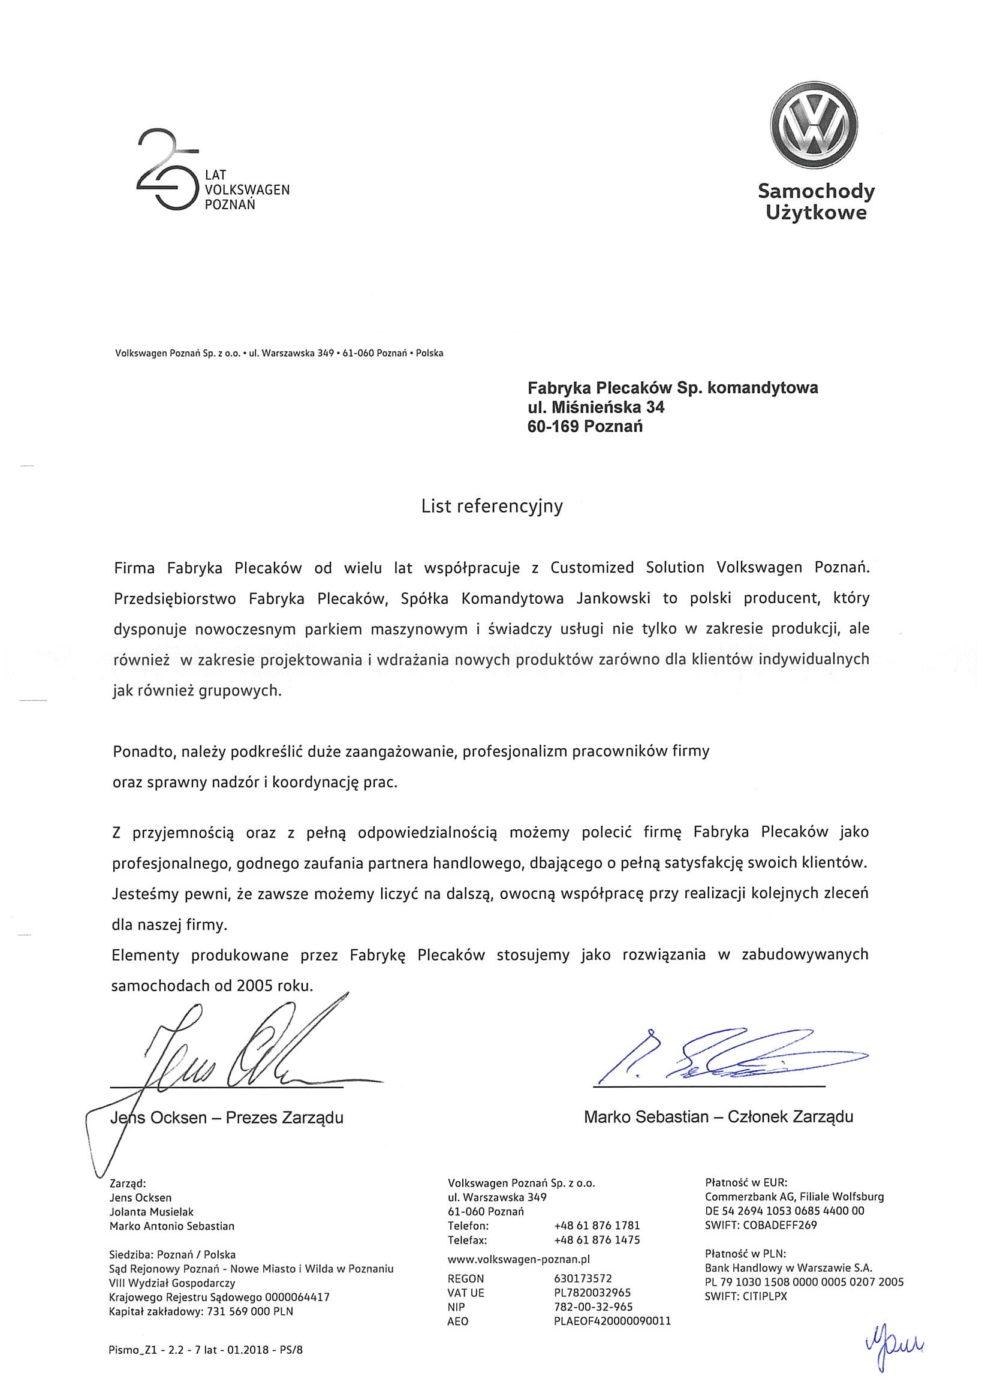 MJ-36-Fabryka-Plecaków-sp.k-1